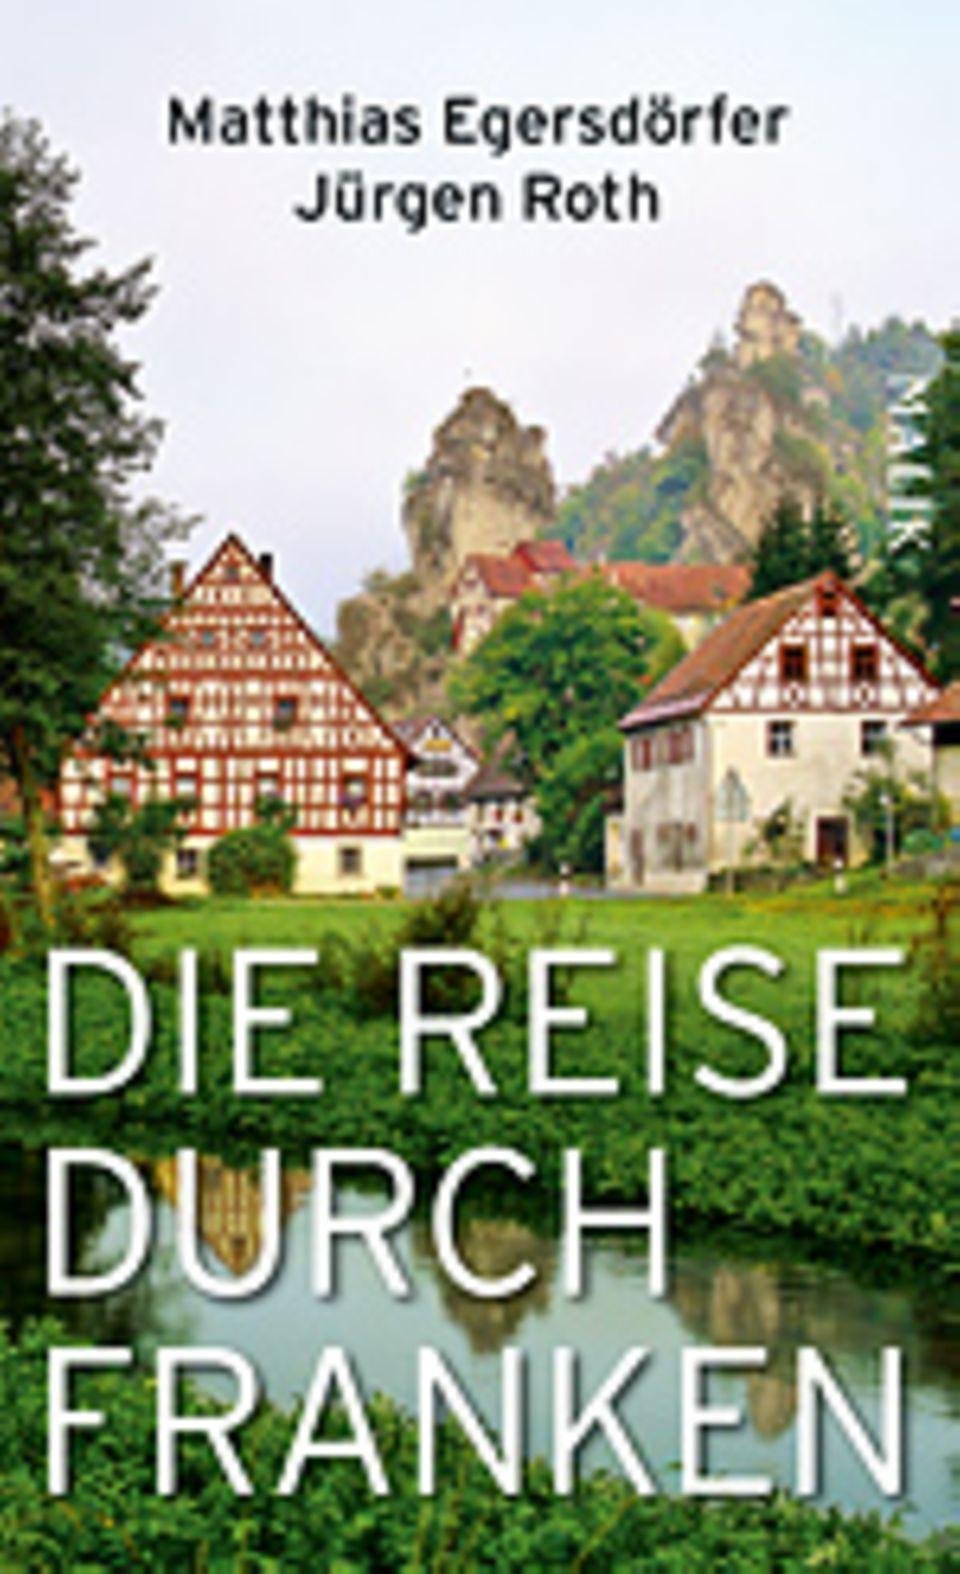 """Interview: Das Buch """"Die Reise durch Franken"""" ist frisch beim Piper Verlag erschienen"""